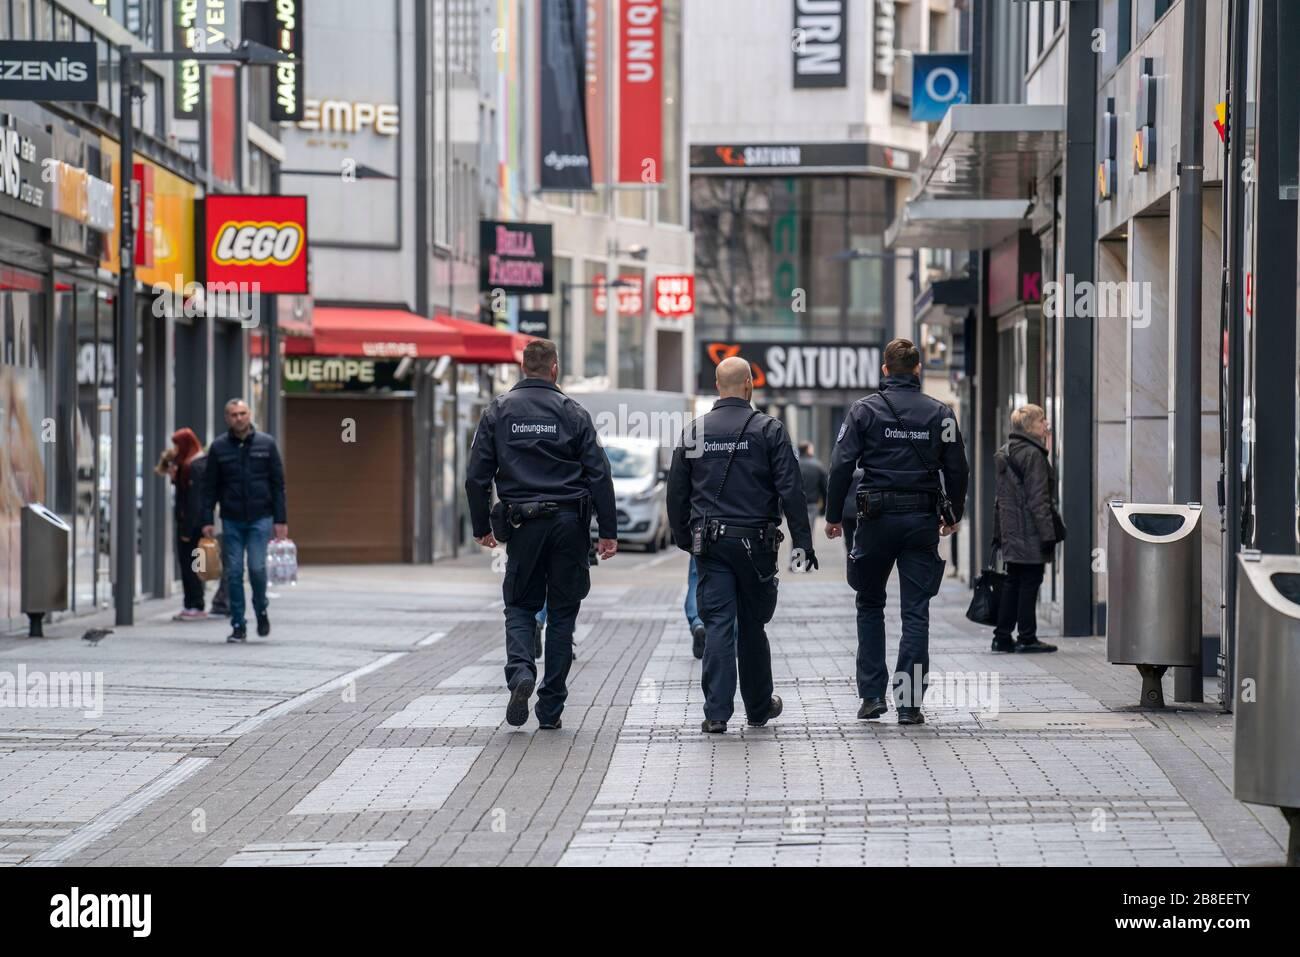 Auswirkungen der Coronavirus Krise, leere Einkaufsstrasse, Streife vom Ordnungsamt, gegen 1400 Uhr am Samstag, normalerweise gehen hier tausende Mensc Stock Photo